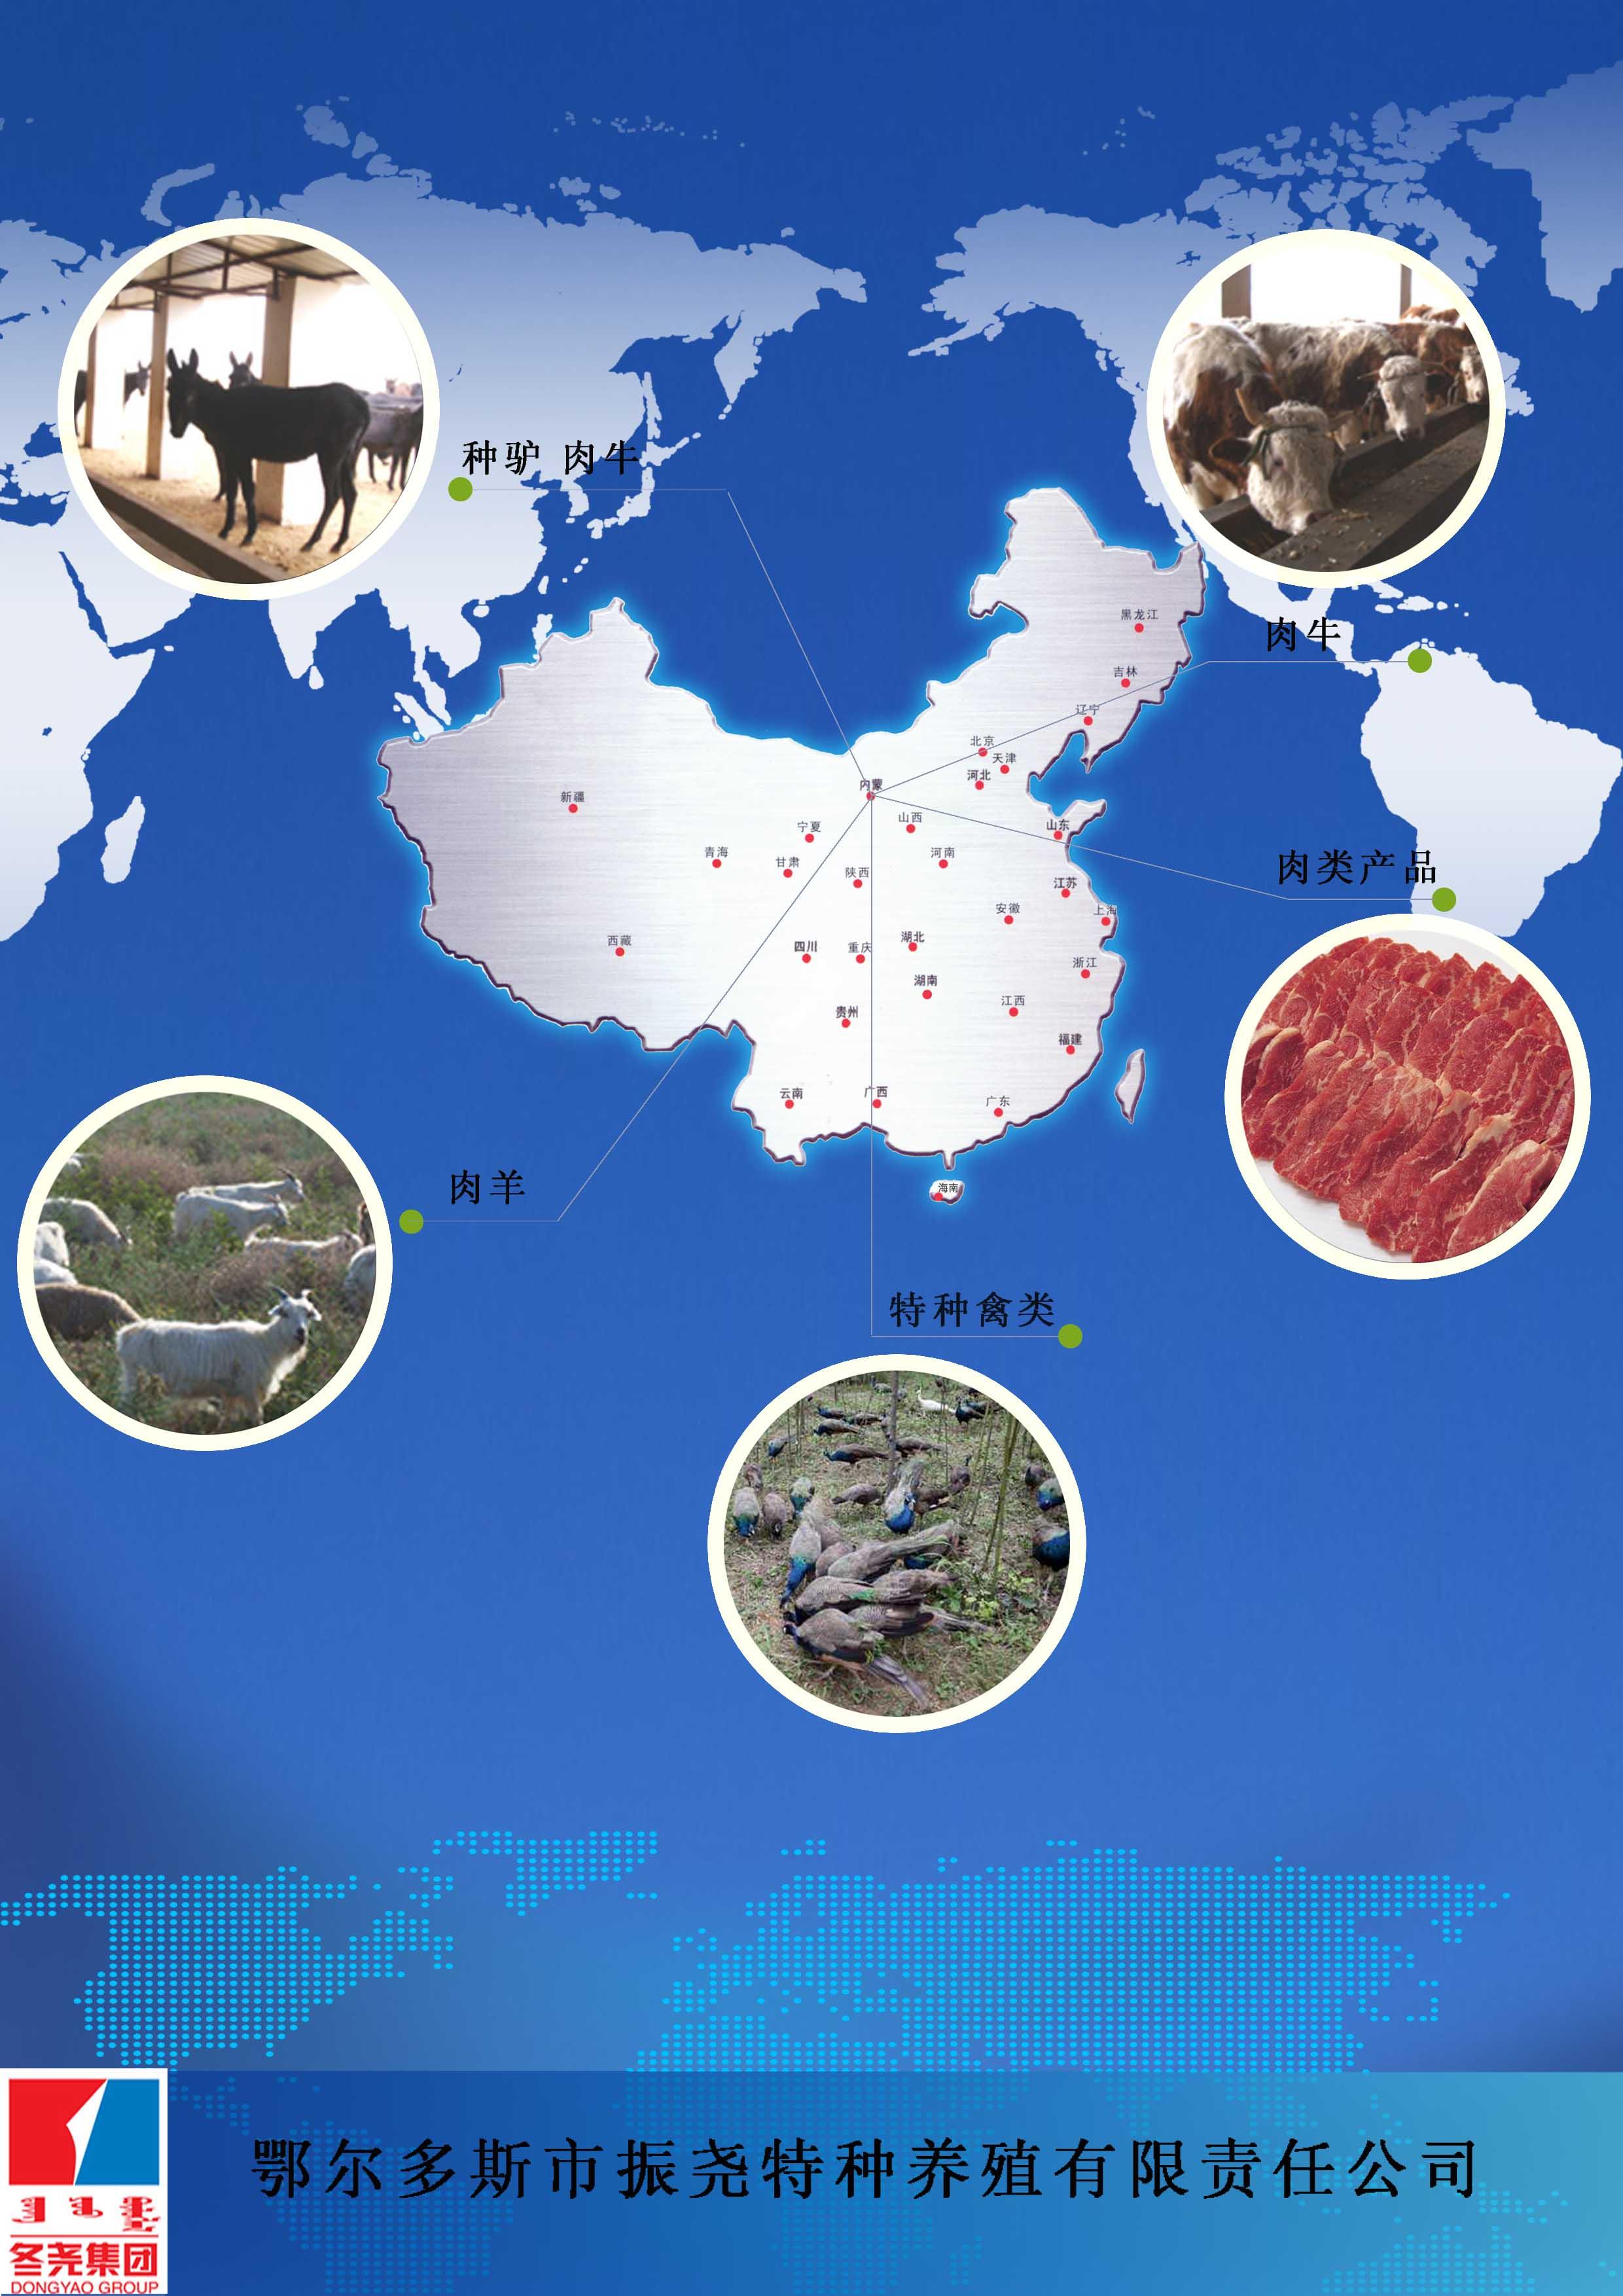 振尧公司简介 鄂尔多斯市振尧特种养殖有限责任公司位于鄂尔多斯市杭锦旗锡尼镇西3Km、109国道907公里处南侧,养殖区总占地面积1200亩,是内蒙古冬尧农牧业集团有限公司全资控股的子公司。振尧公司注册资金1000万元,经营范围:种驴、肉驴、肉牛、肉羊培育、特种禽类养殖以及畜禽产品深加工、销售。 振尧公司经过冬尧集团公司两年的投资建设,公司已经完成产业规划12000万元的投资建设。公司生产的产品均以通过HACCP、14000、18000、ISO9001及国家有机机构的评审认。企业同时被自治区、